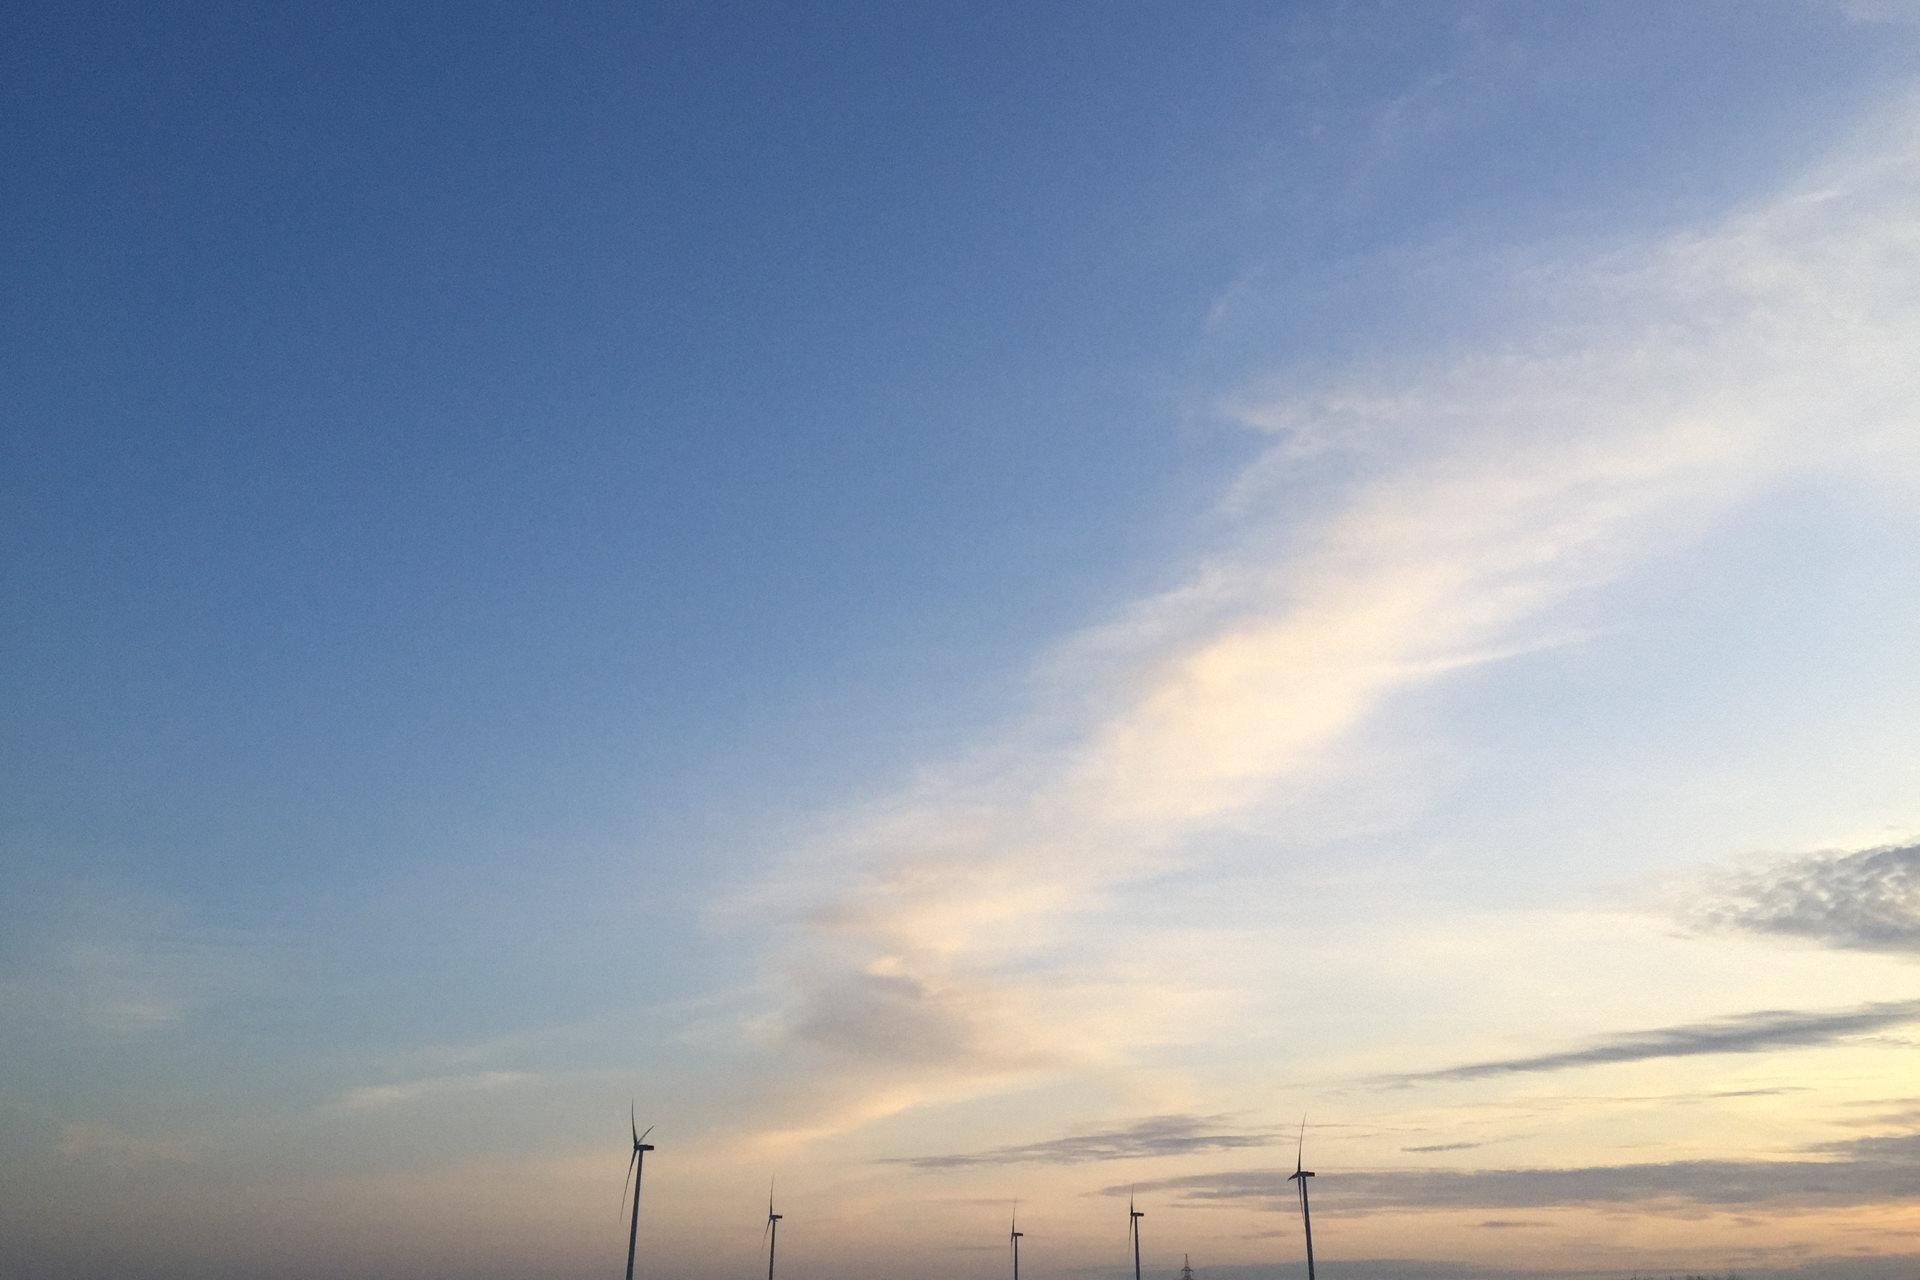 Windkraftwerke in Norddeutschland